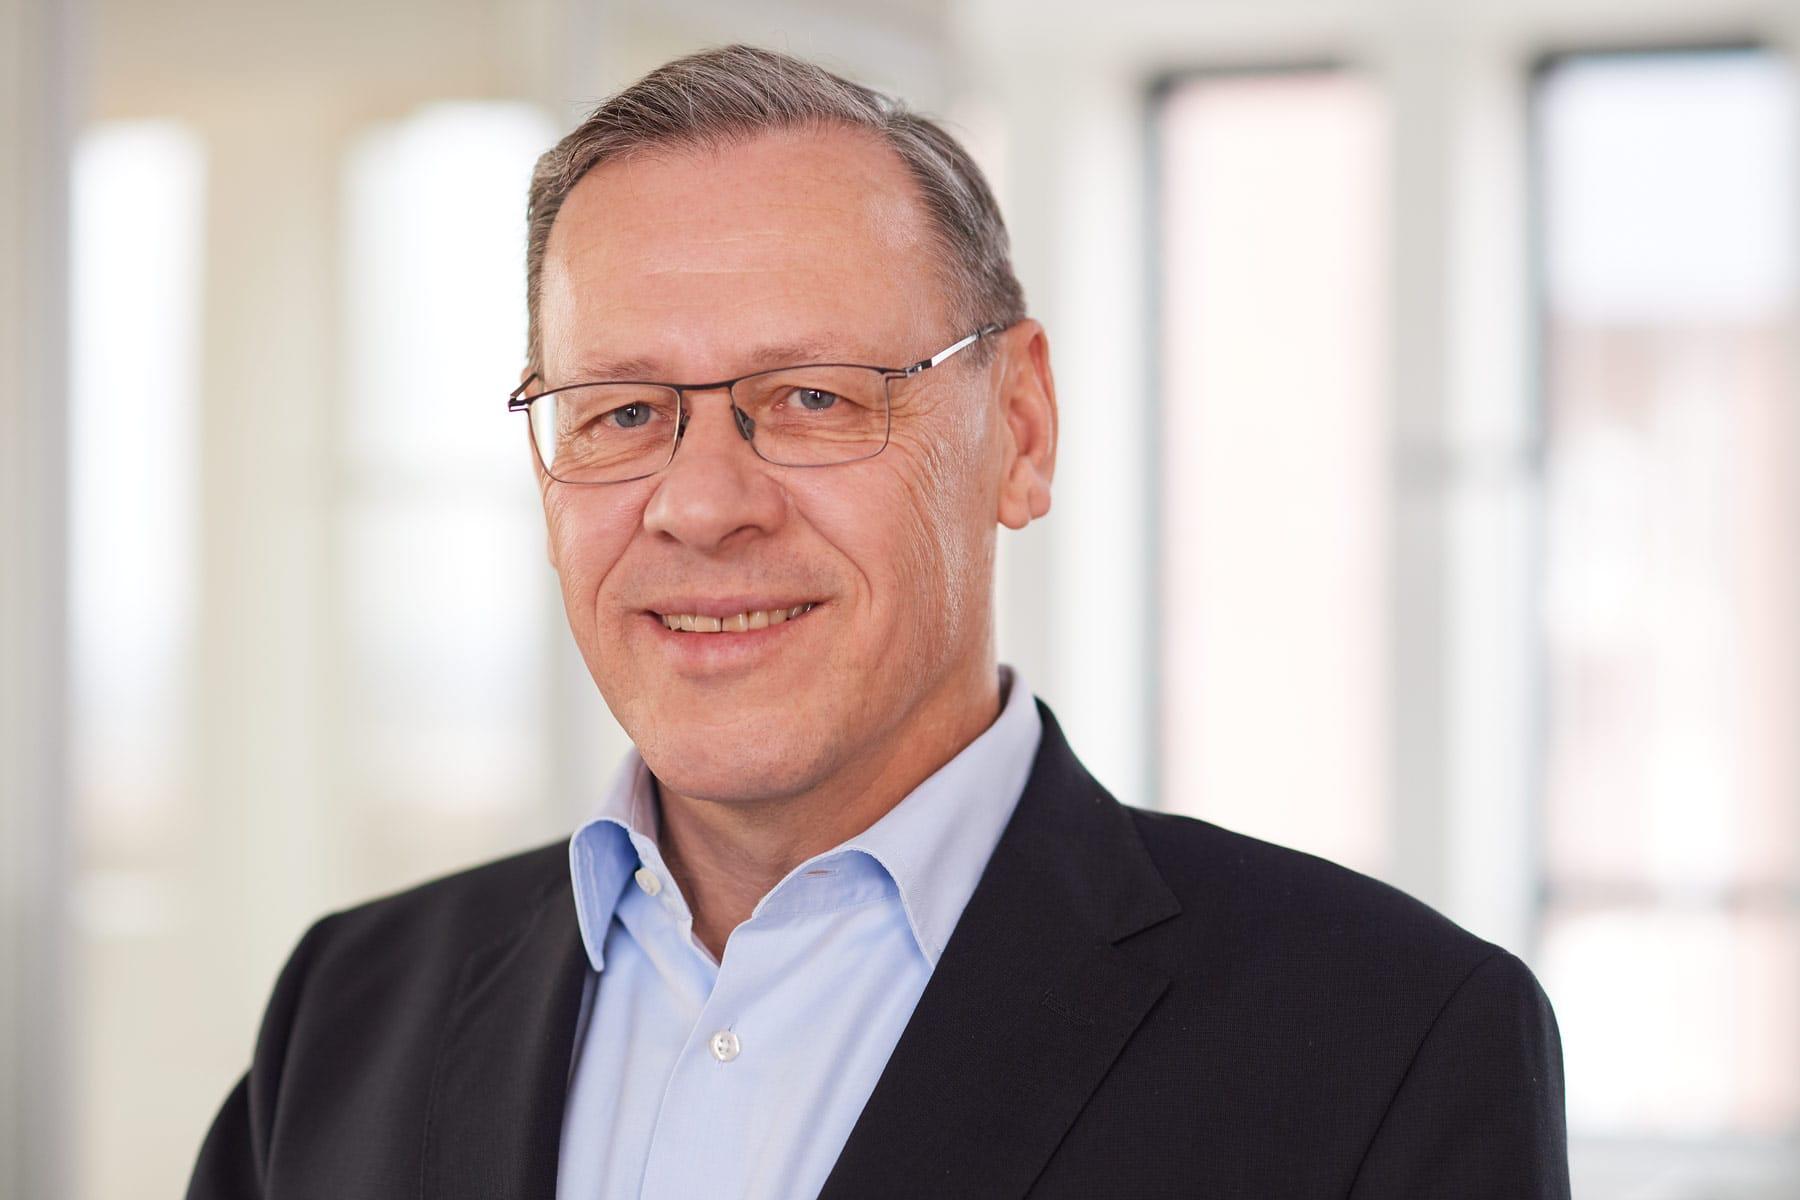 Portrait eines entspannten Geschäftsführers im grauem Sacko vor unscharfem Hintergrund